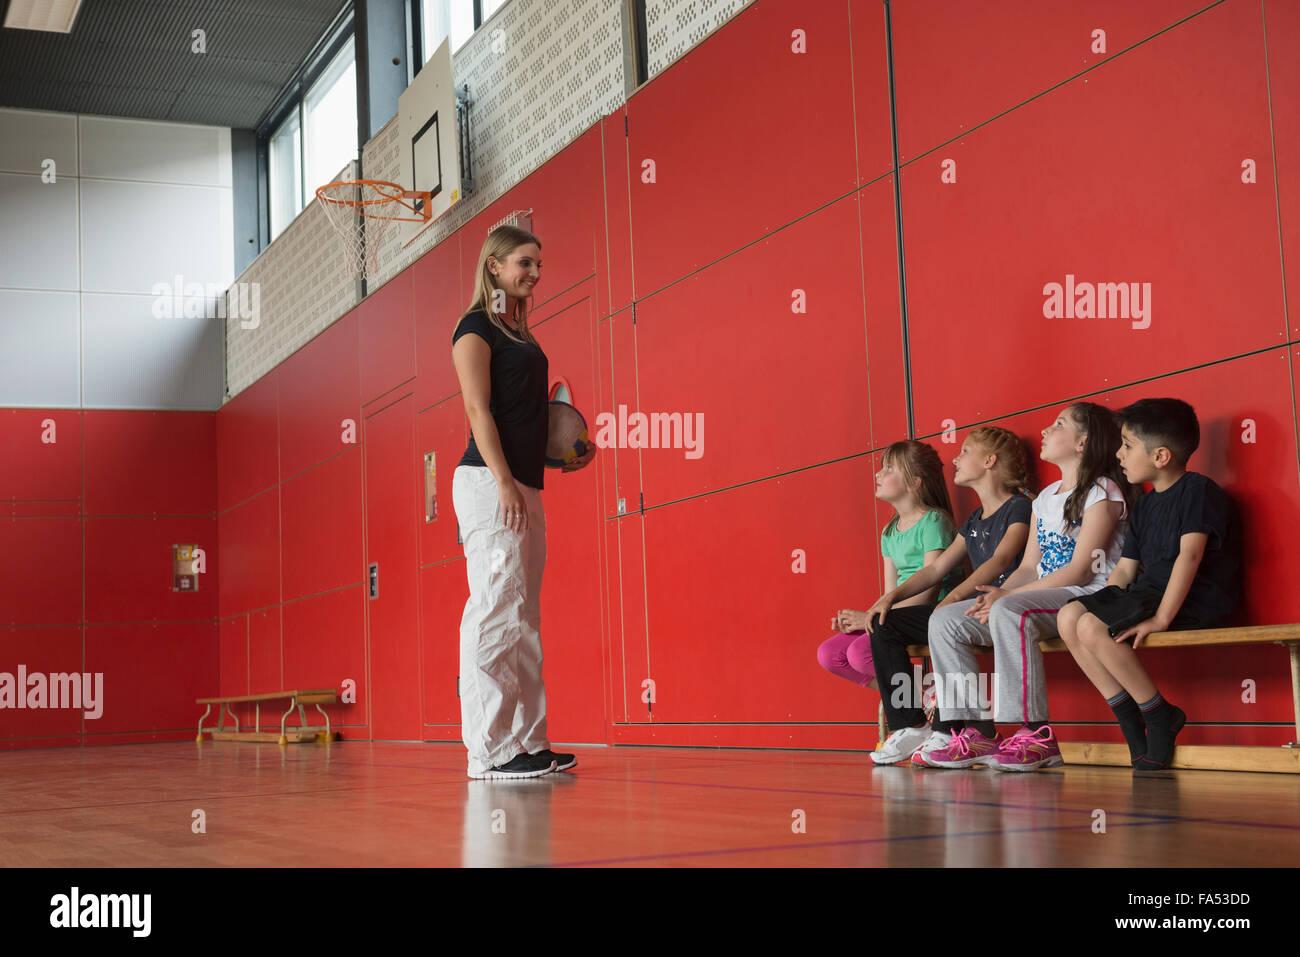 Lehrer, die Beratung für Gruppenspiel für Kinder im Sport Halle, München, Bayern Stockbild